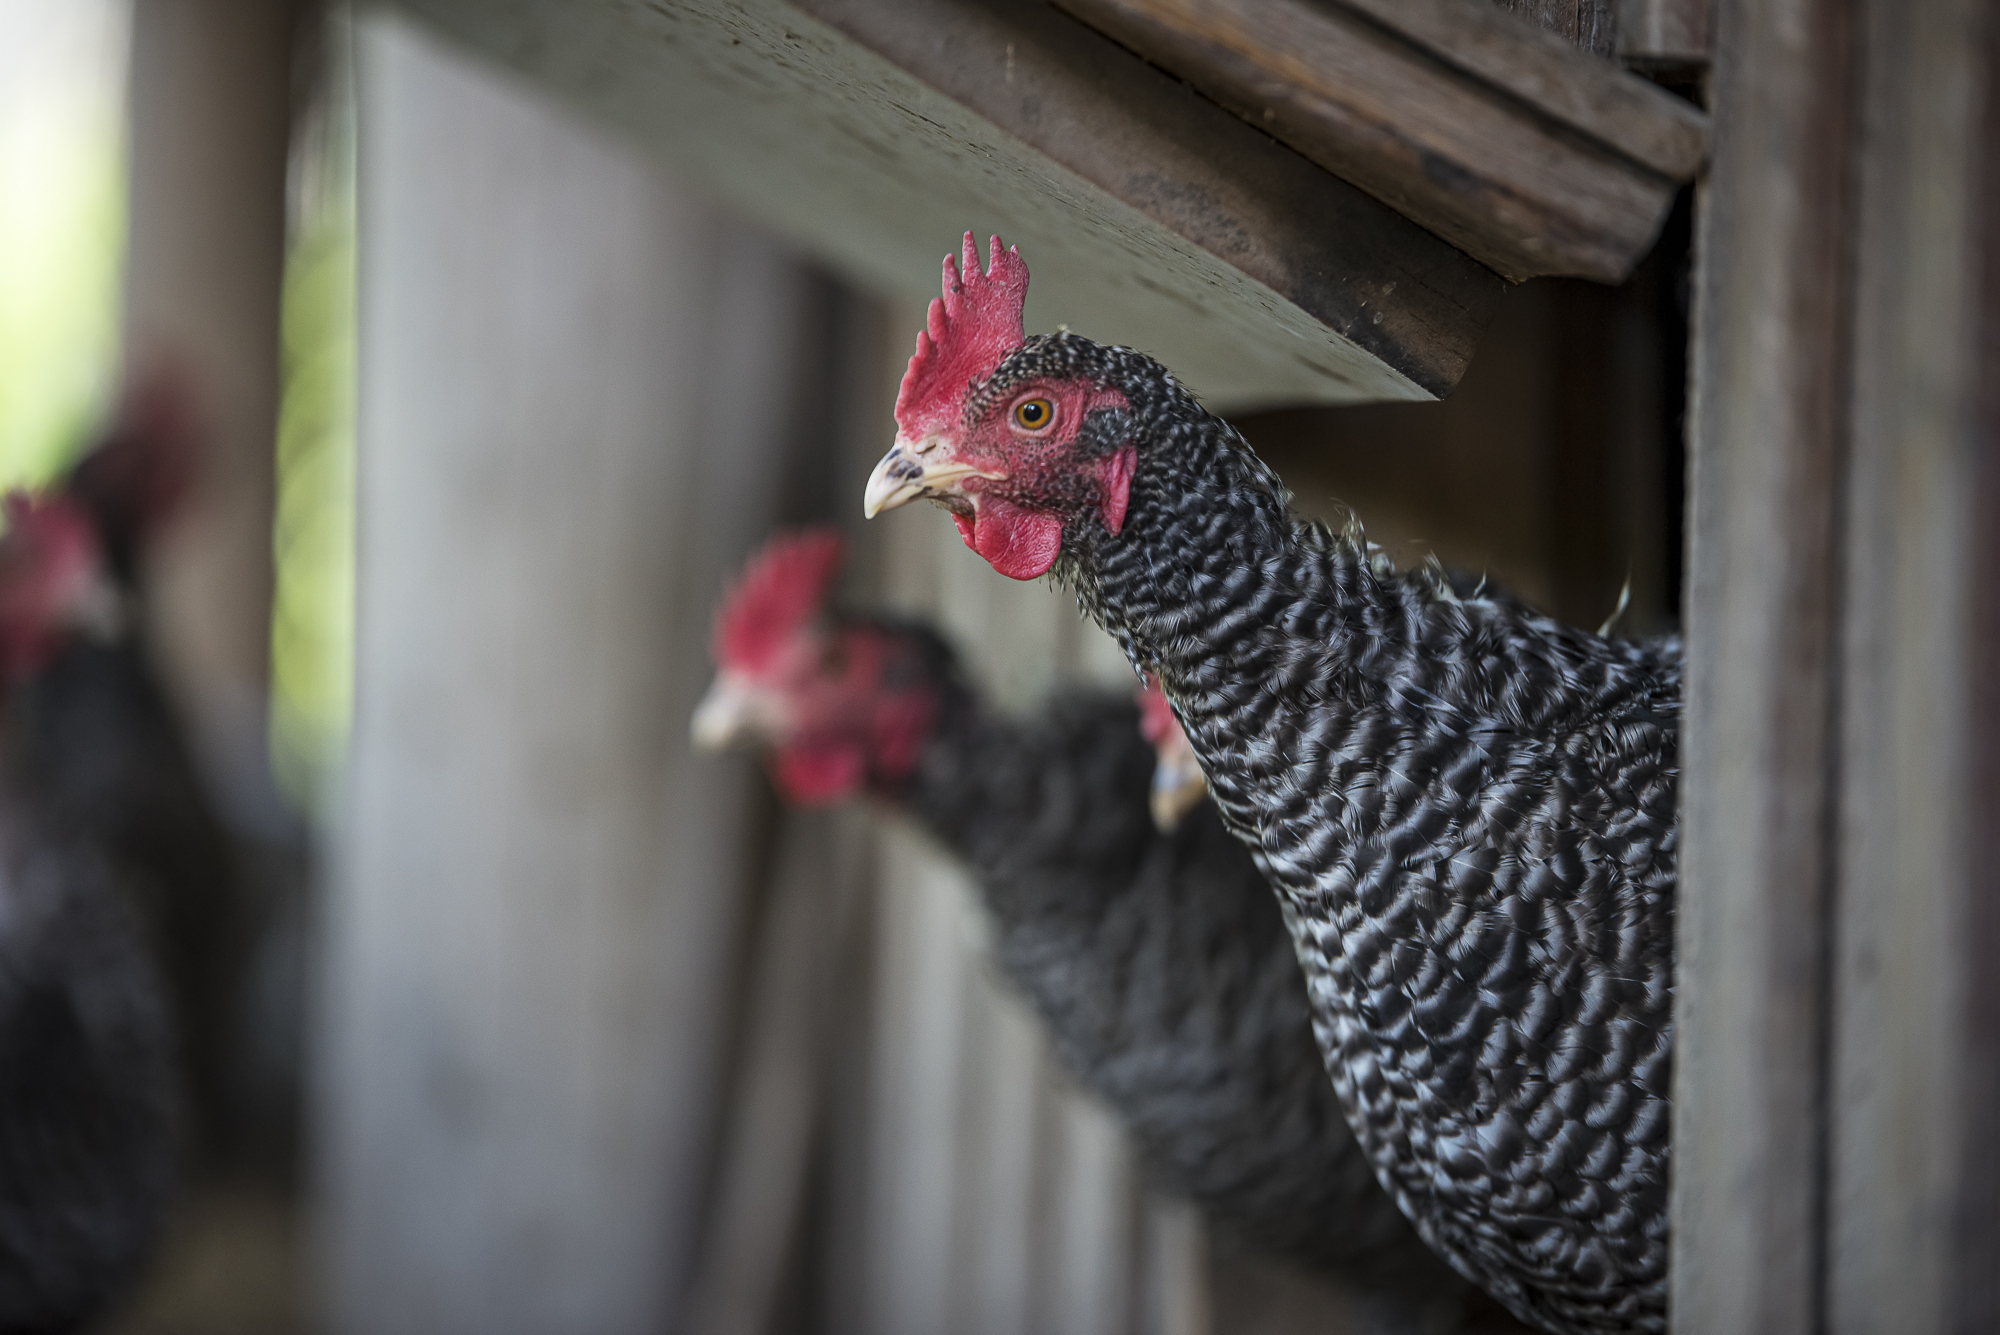 Unsere Hühner dürfen jeden Tag den Stall verlassen.